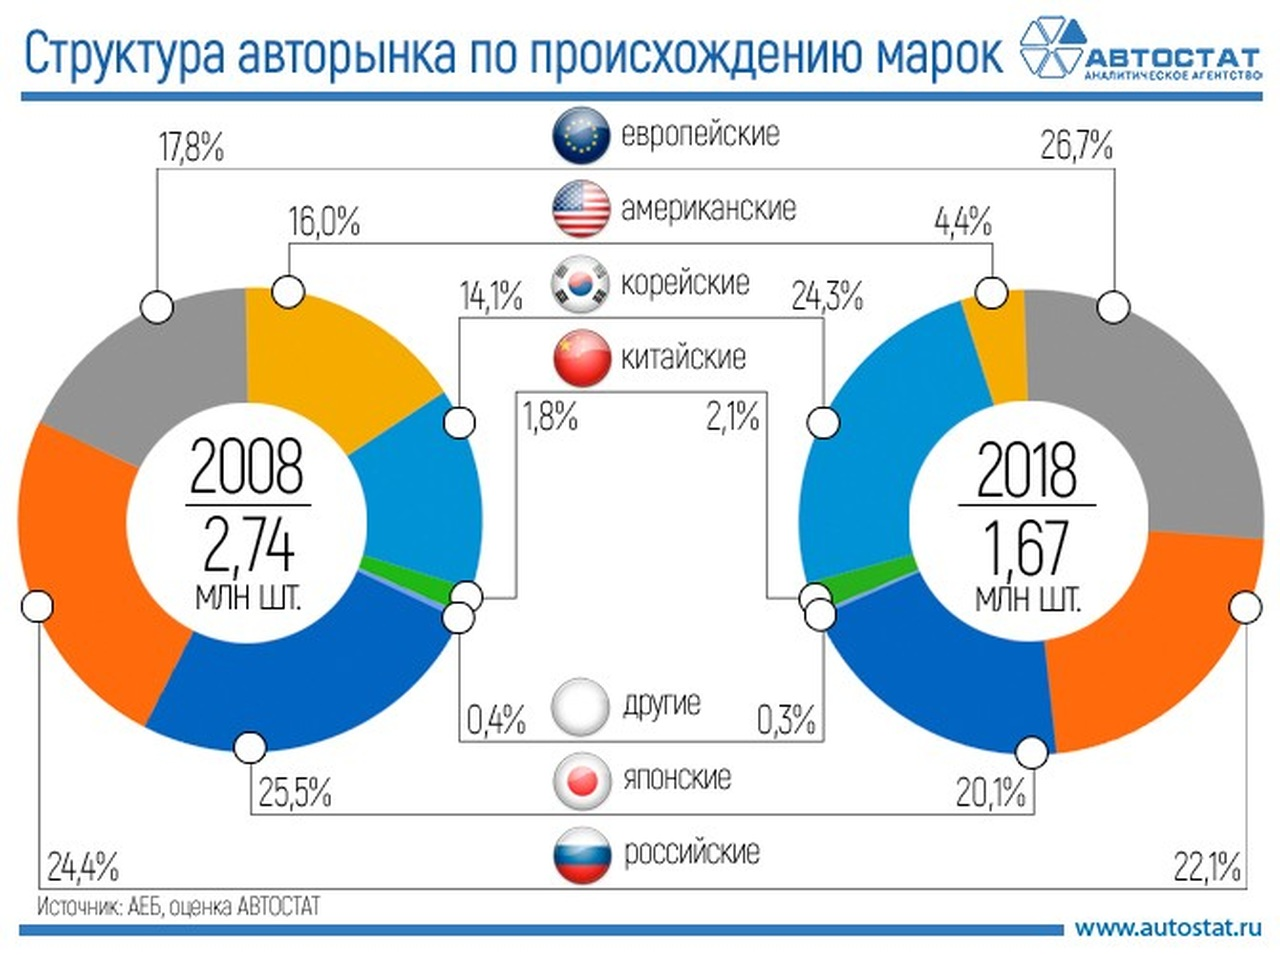 """От """"японцев"""" к """"европейцам"""": перемены российского авторынка за 10 лет"""